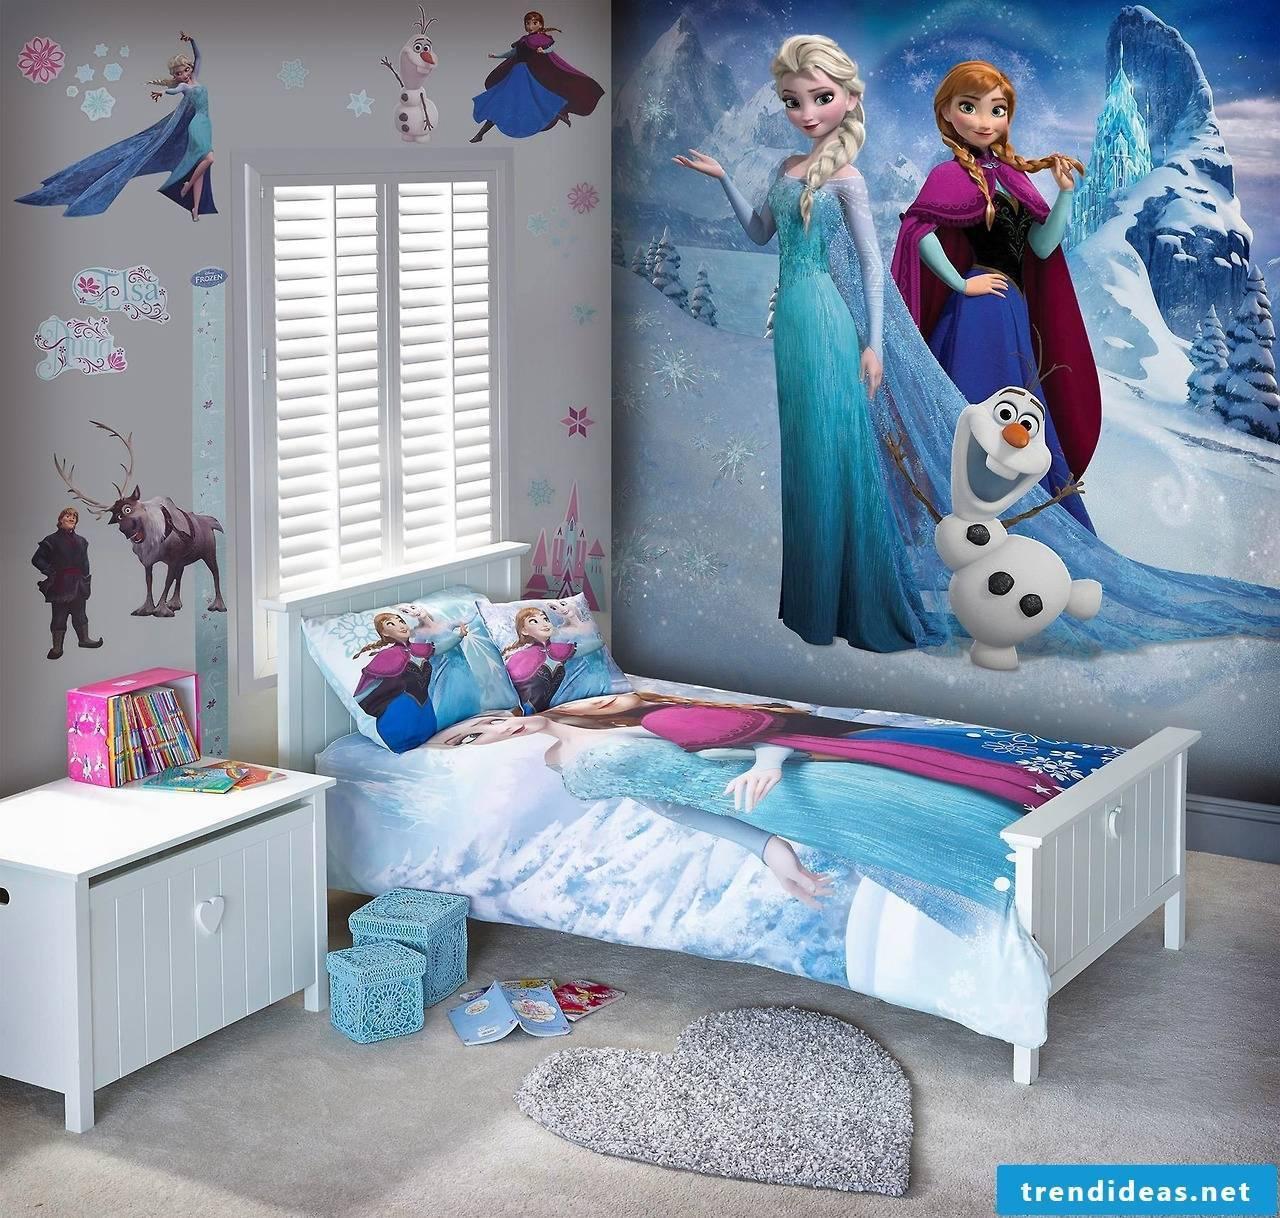 Frozen wallpaper - a true girl's dream